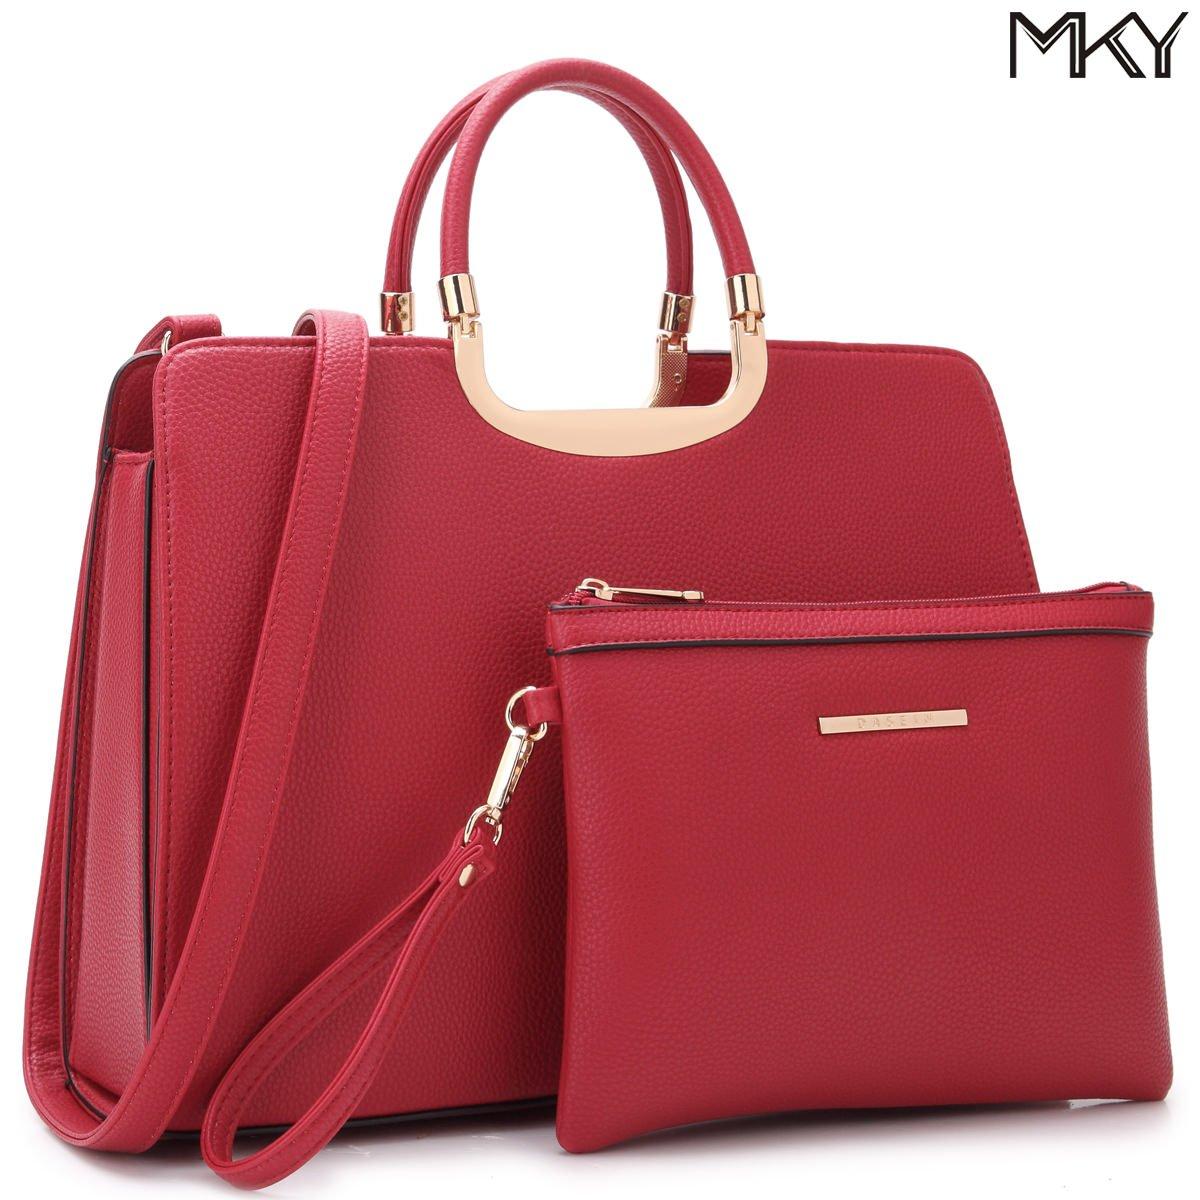 Large Leather Satchel Handbag Designer Purse Wallet Set Shoulder Bag Red